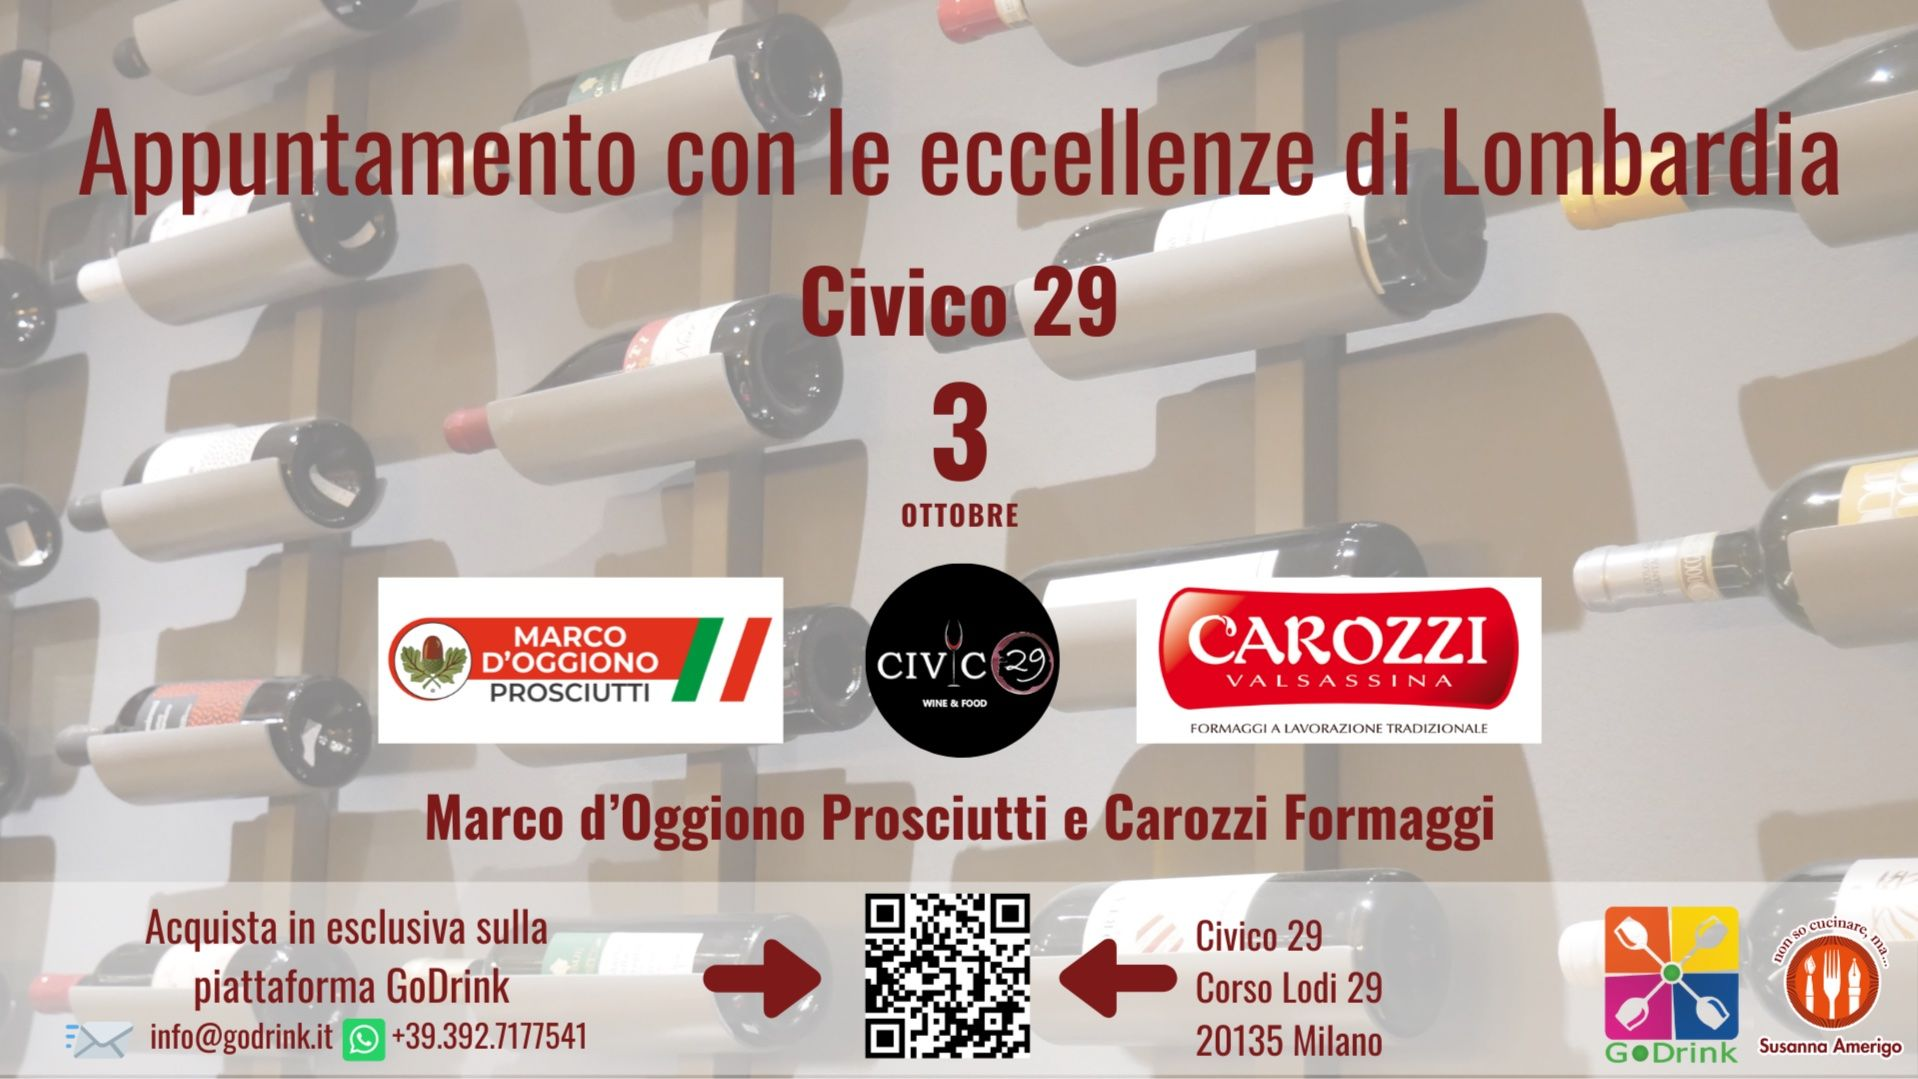 Appuntamento con le eccellenze di Lombardia - Civico 29